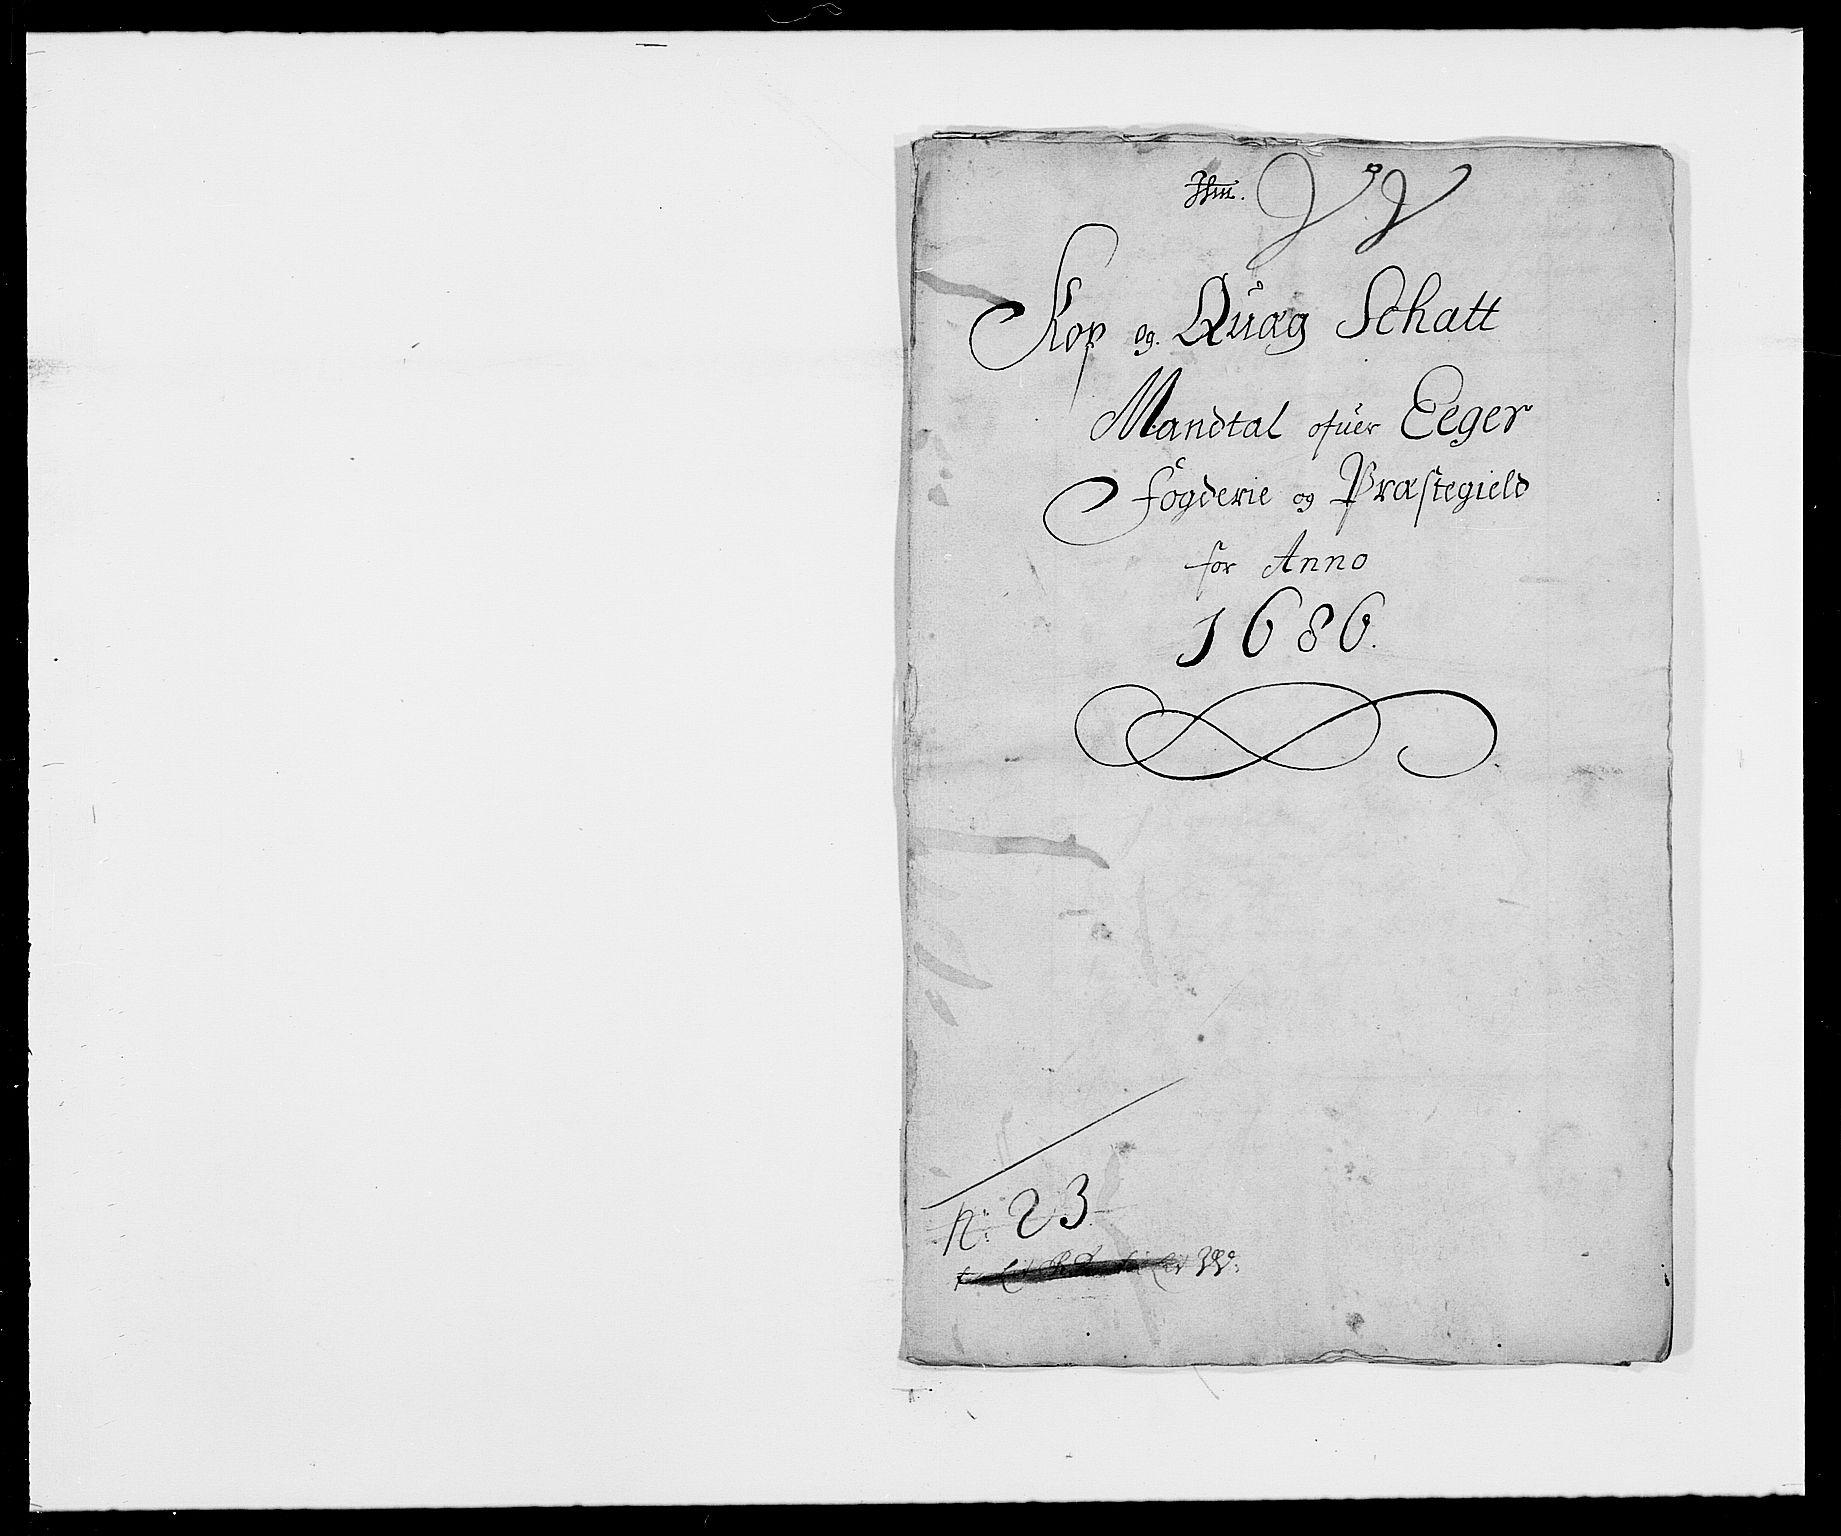 RA, Rentekammeret inntil 1814, Reviderte regnskaper, Fogderegnskap, R26/L1685: Fogderegnskap Eiker, 1679-1686, s. 204